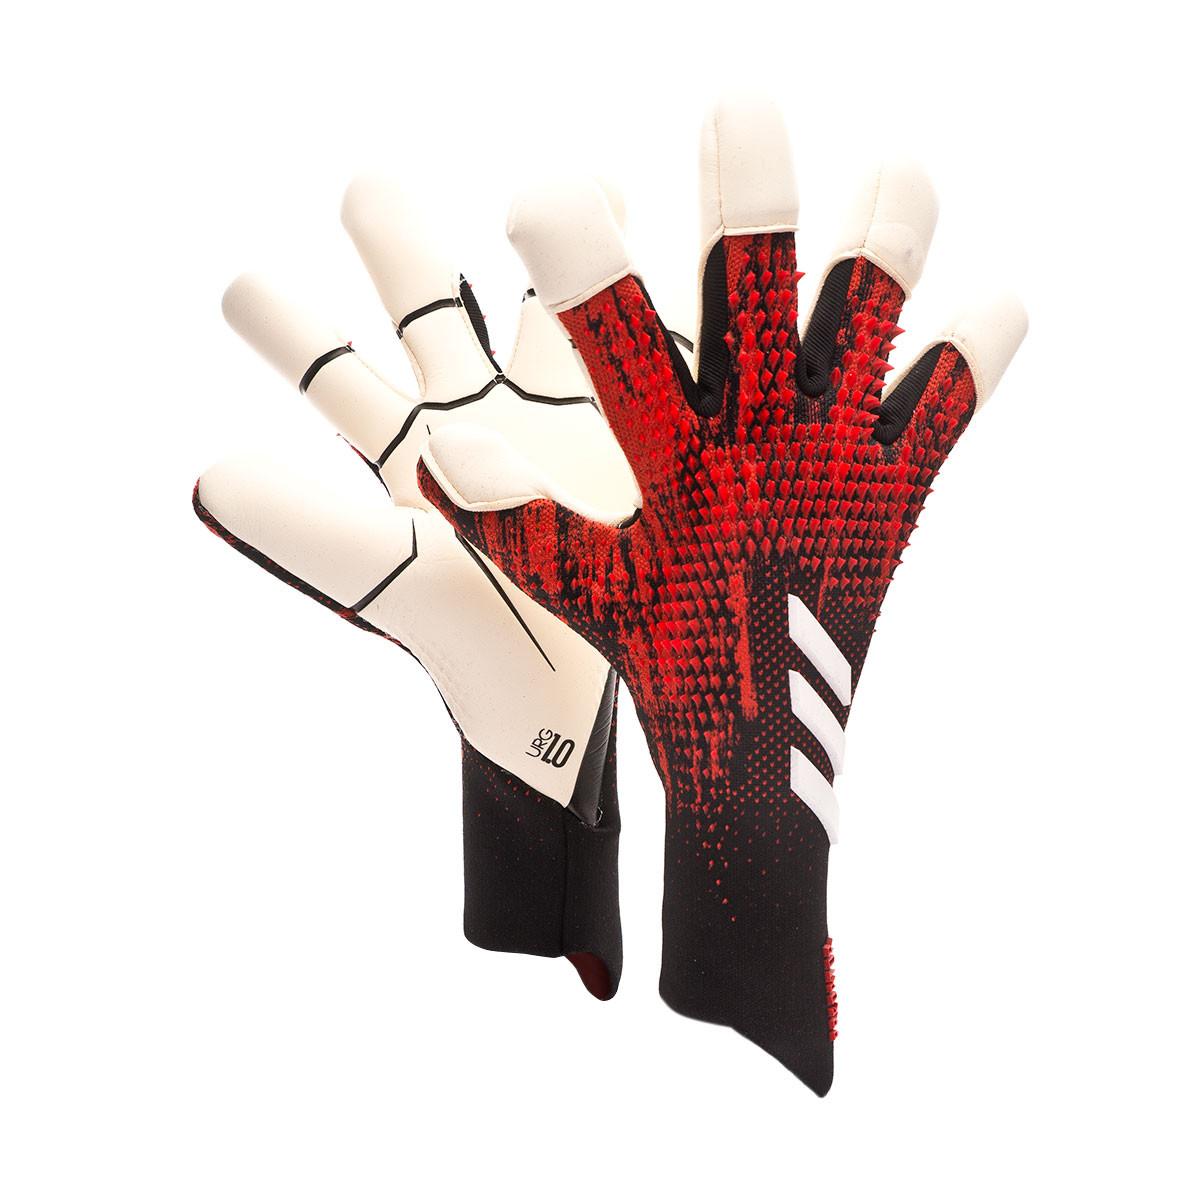 adoptar absorción curva  Guante de portero adidas Predator Pro Hybrid PC Black-Active red - Tienda  de fútbol Fútbol Emotion